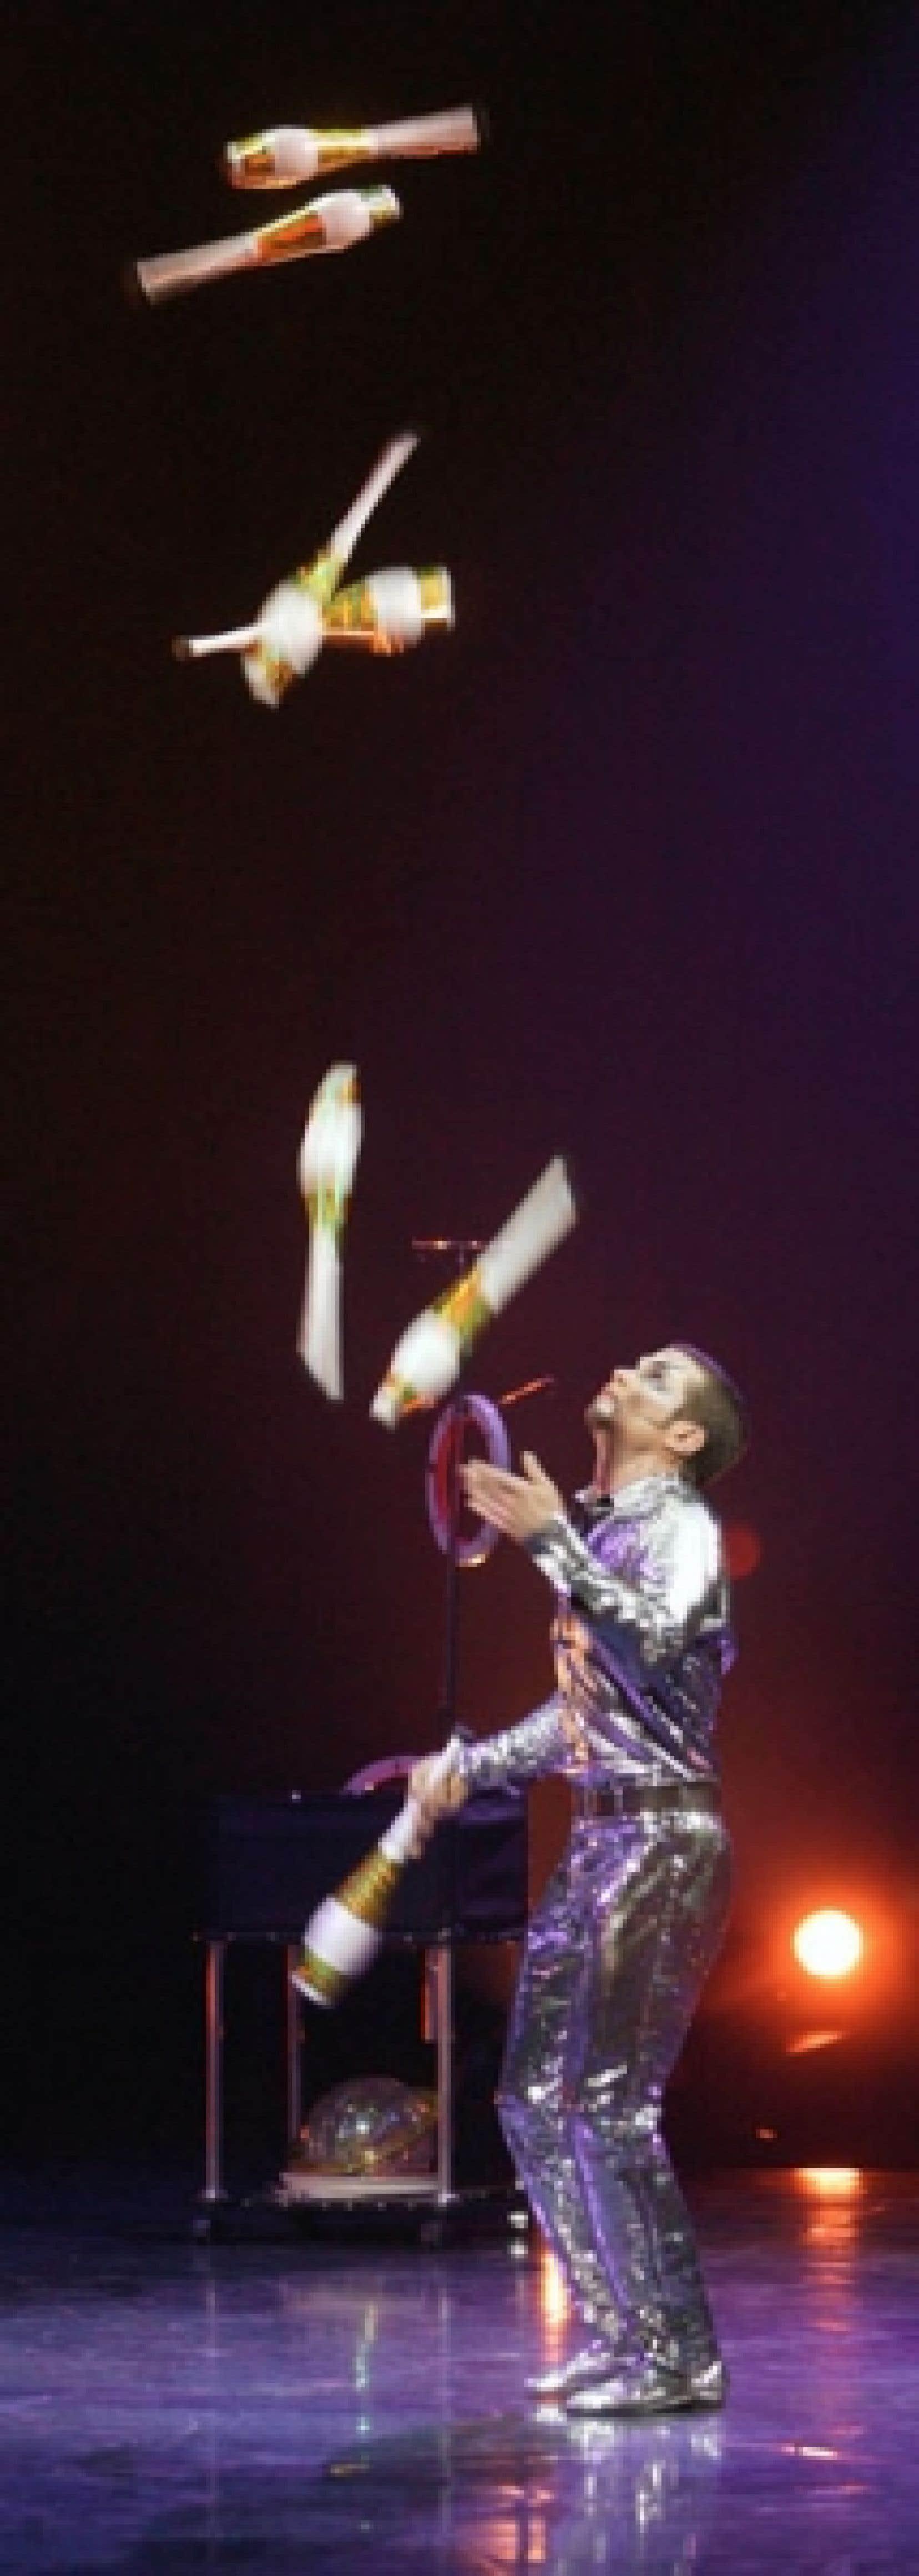 Le numéro de jonglerie montré hier ose des clins d'oeil à tous les clichés du genre, y compris le costume de paillettes argentées.